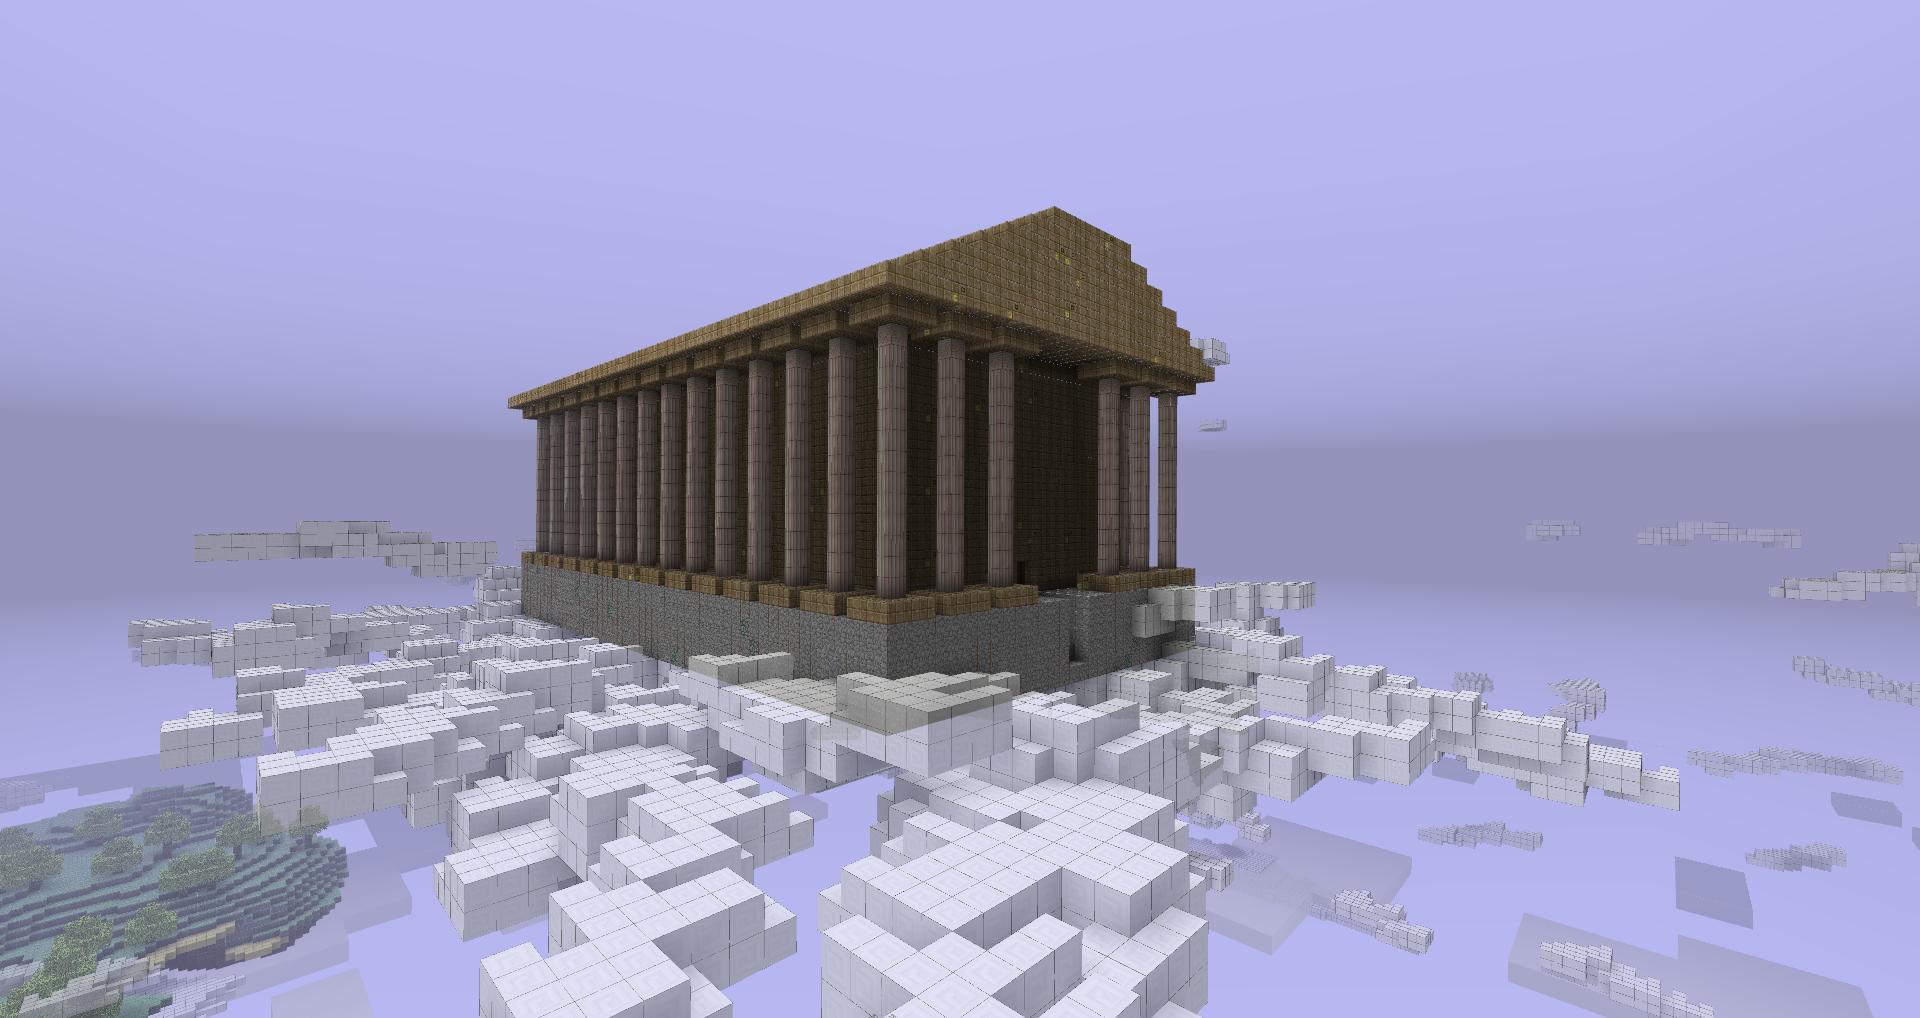 Die Besten MinecraftMods Minecraft Mods S Einleitung Aether - Minecraft hauser kopieren